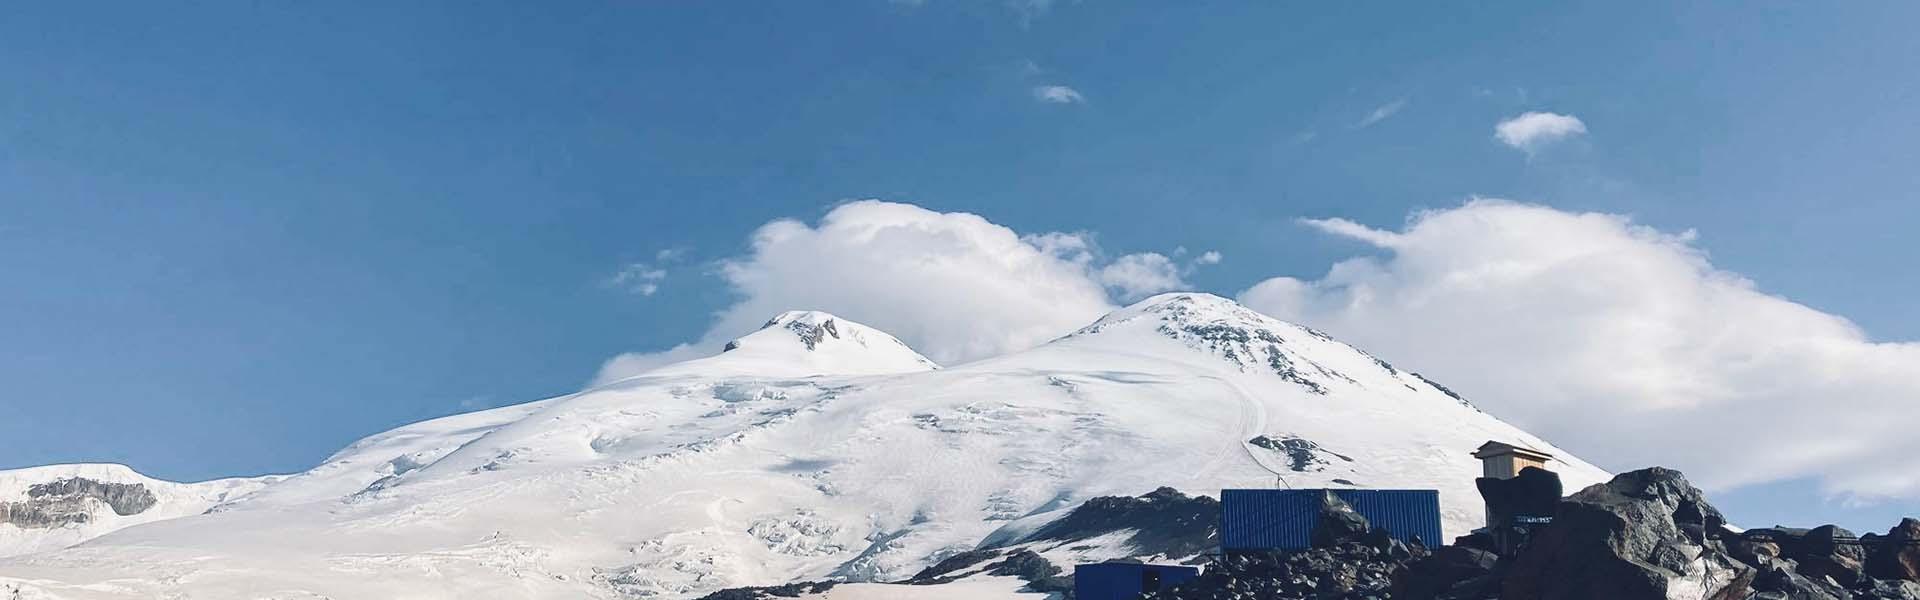 Európa tetején: Elbrusz csúcstámadás